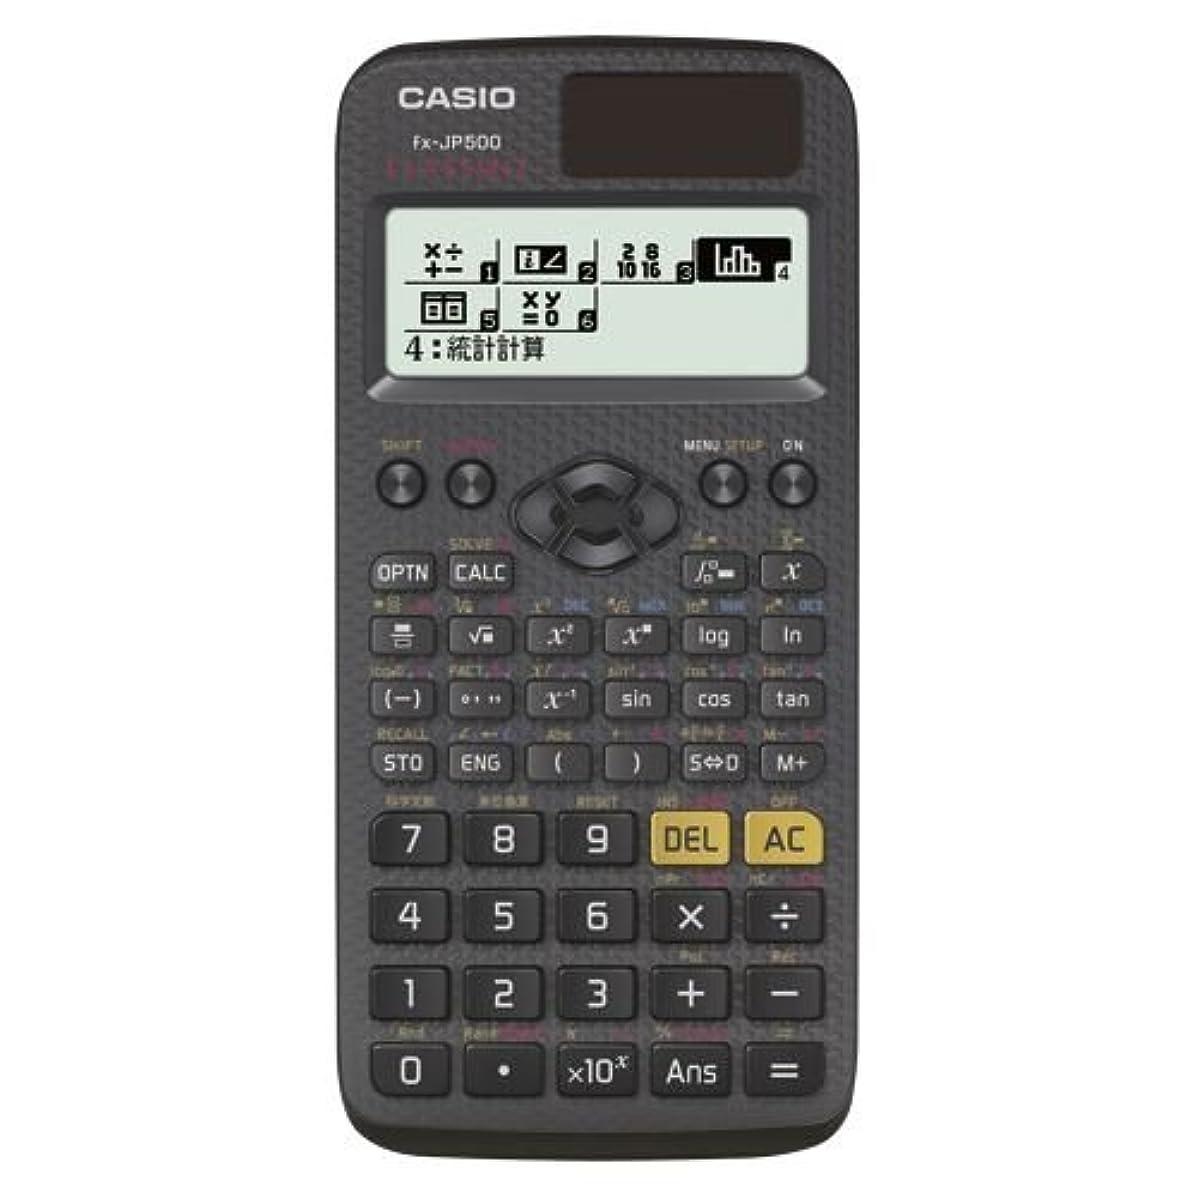 うるさいスラダム優先権カシオ 新数学自然表示関数電卓 FX-JP500-N 00024410【まとめ買い3台セット】